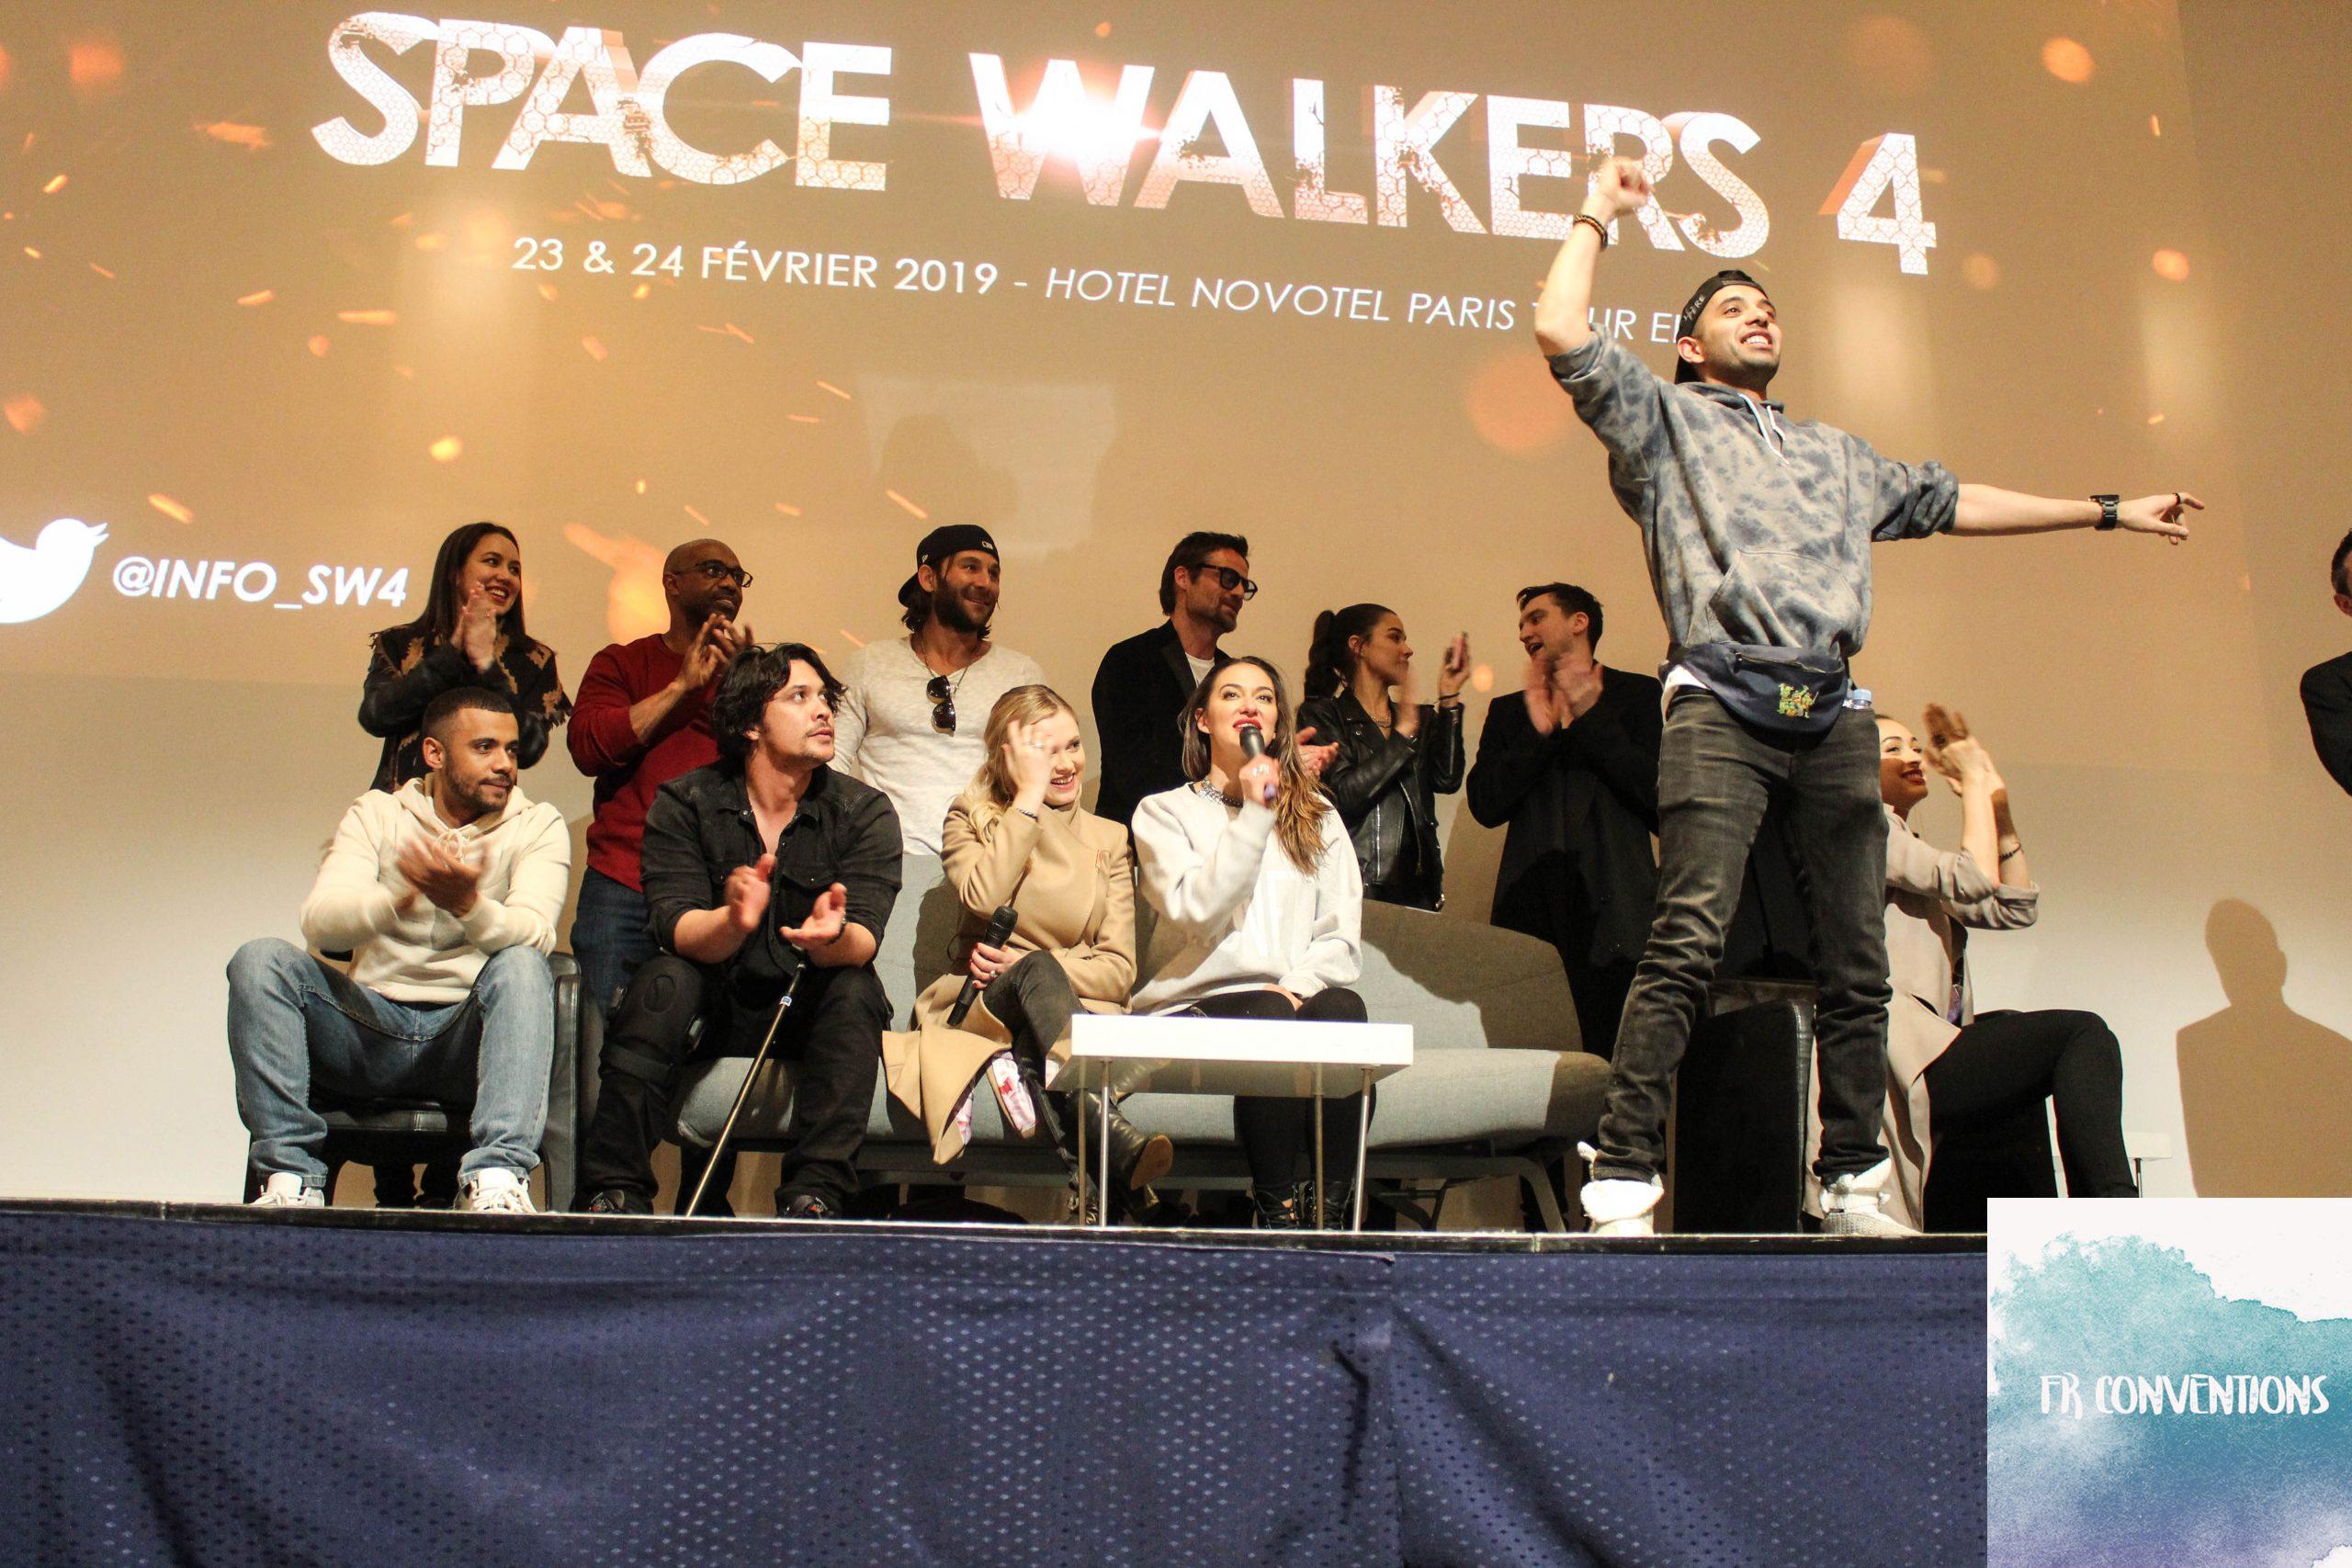 Space Walkers 4